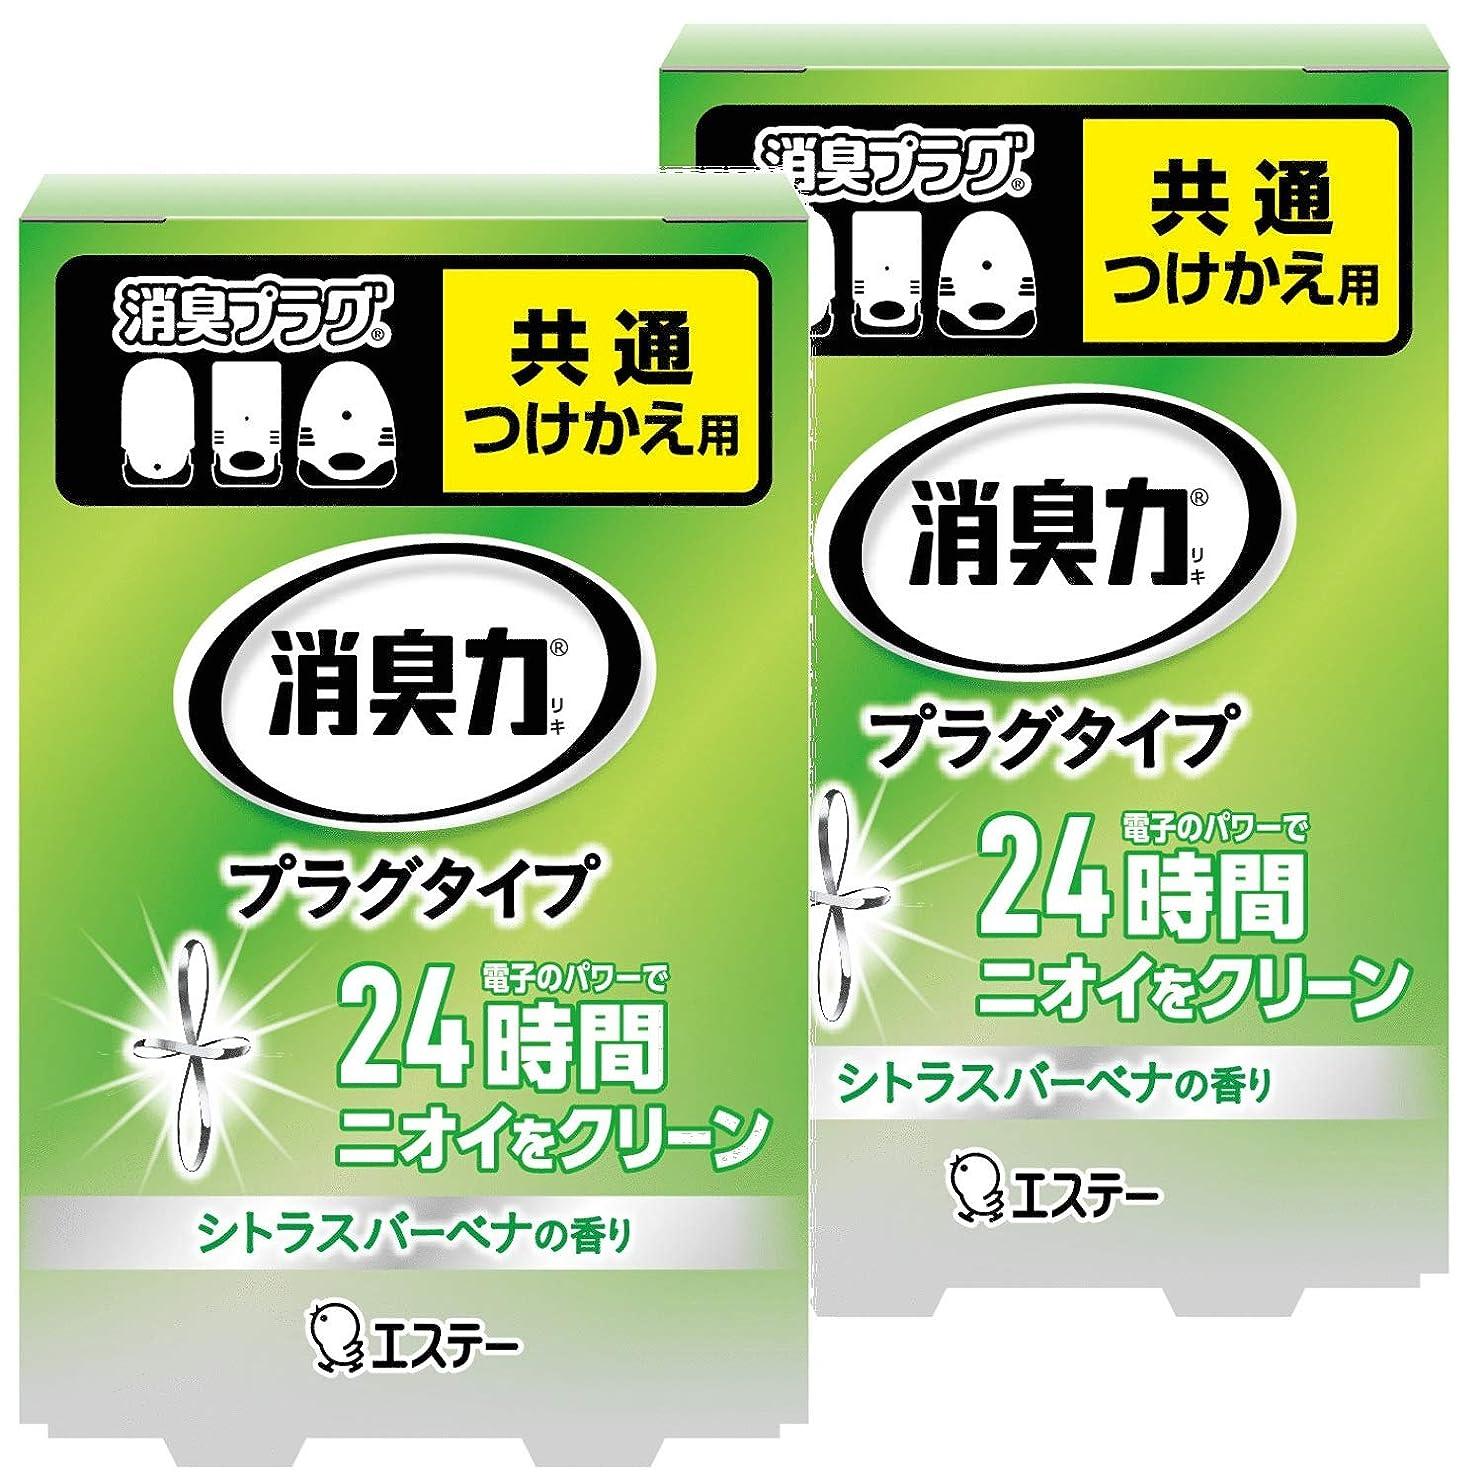 大胆な衰える手荷物【まとめ買い】 消臭力 プラグタイプ 消臭芳香剤 部屋 部屋用 つけかえ みずみずしいシトラスバーベナの香り 20ml×2個